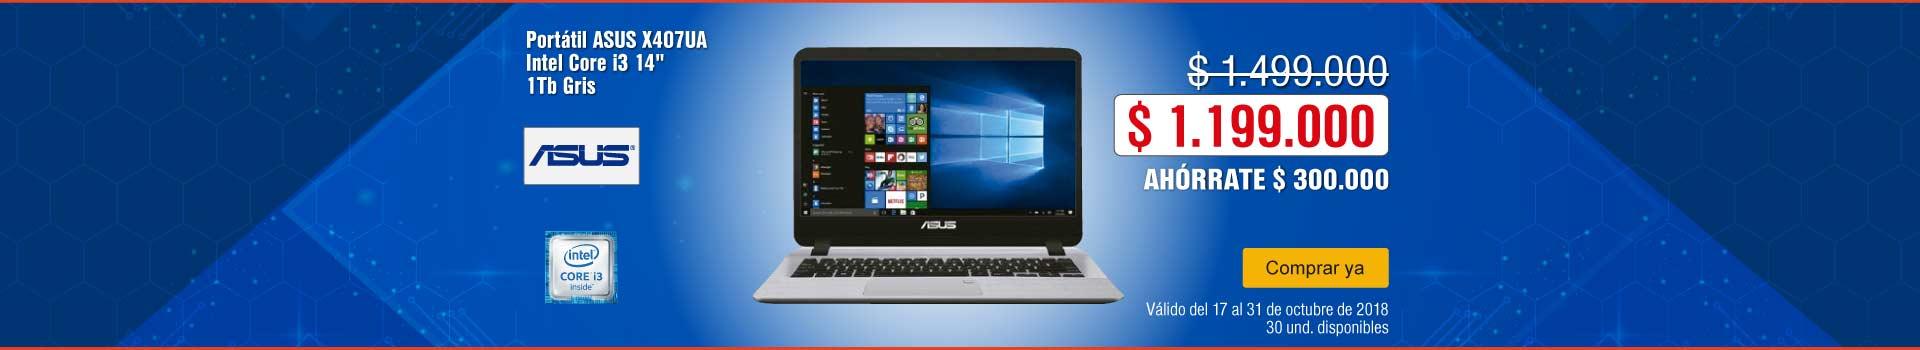 AK-BCAT-3-computadores y tablets-PP---Asus-Portátil X407UA-Oct17